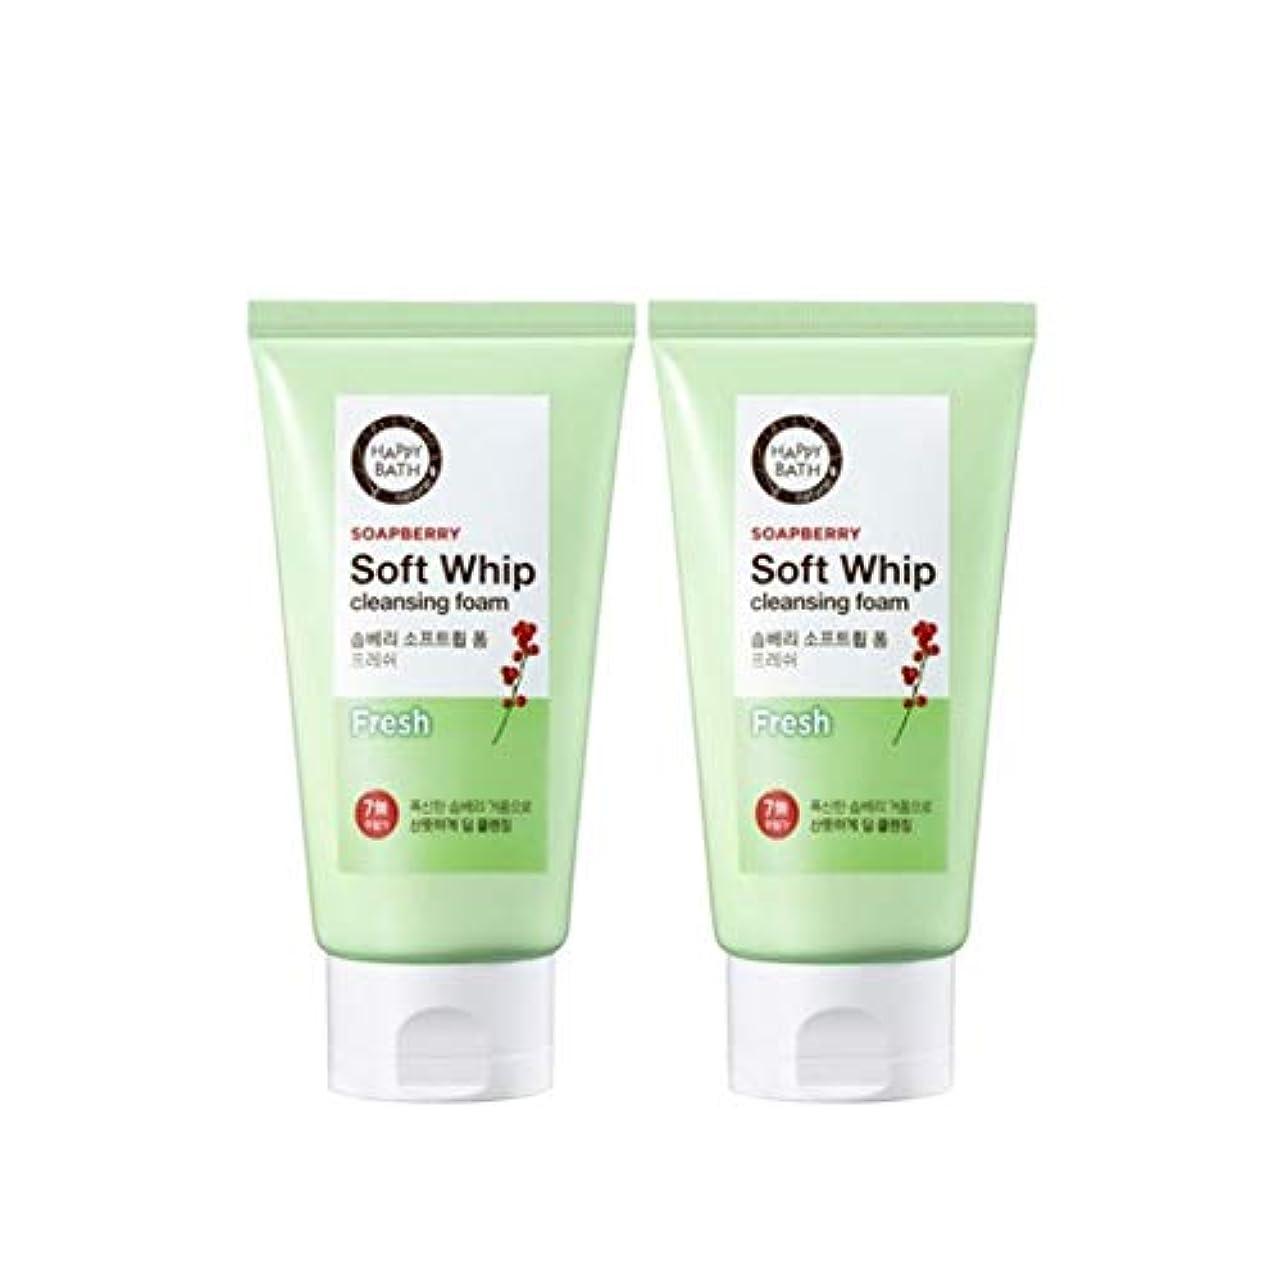 行ベリー楽しませるハッピーバスソープベリーソフトホイップフレッシュクレンジングフォーム150gx2本セット韓国コスメ、Happy Bath Soapberry Soft Whip Fresh Cleansing Foam 150g x 2ea Set Korean Cosmetic [並行輸入品]